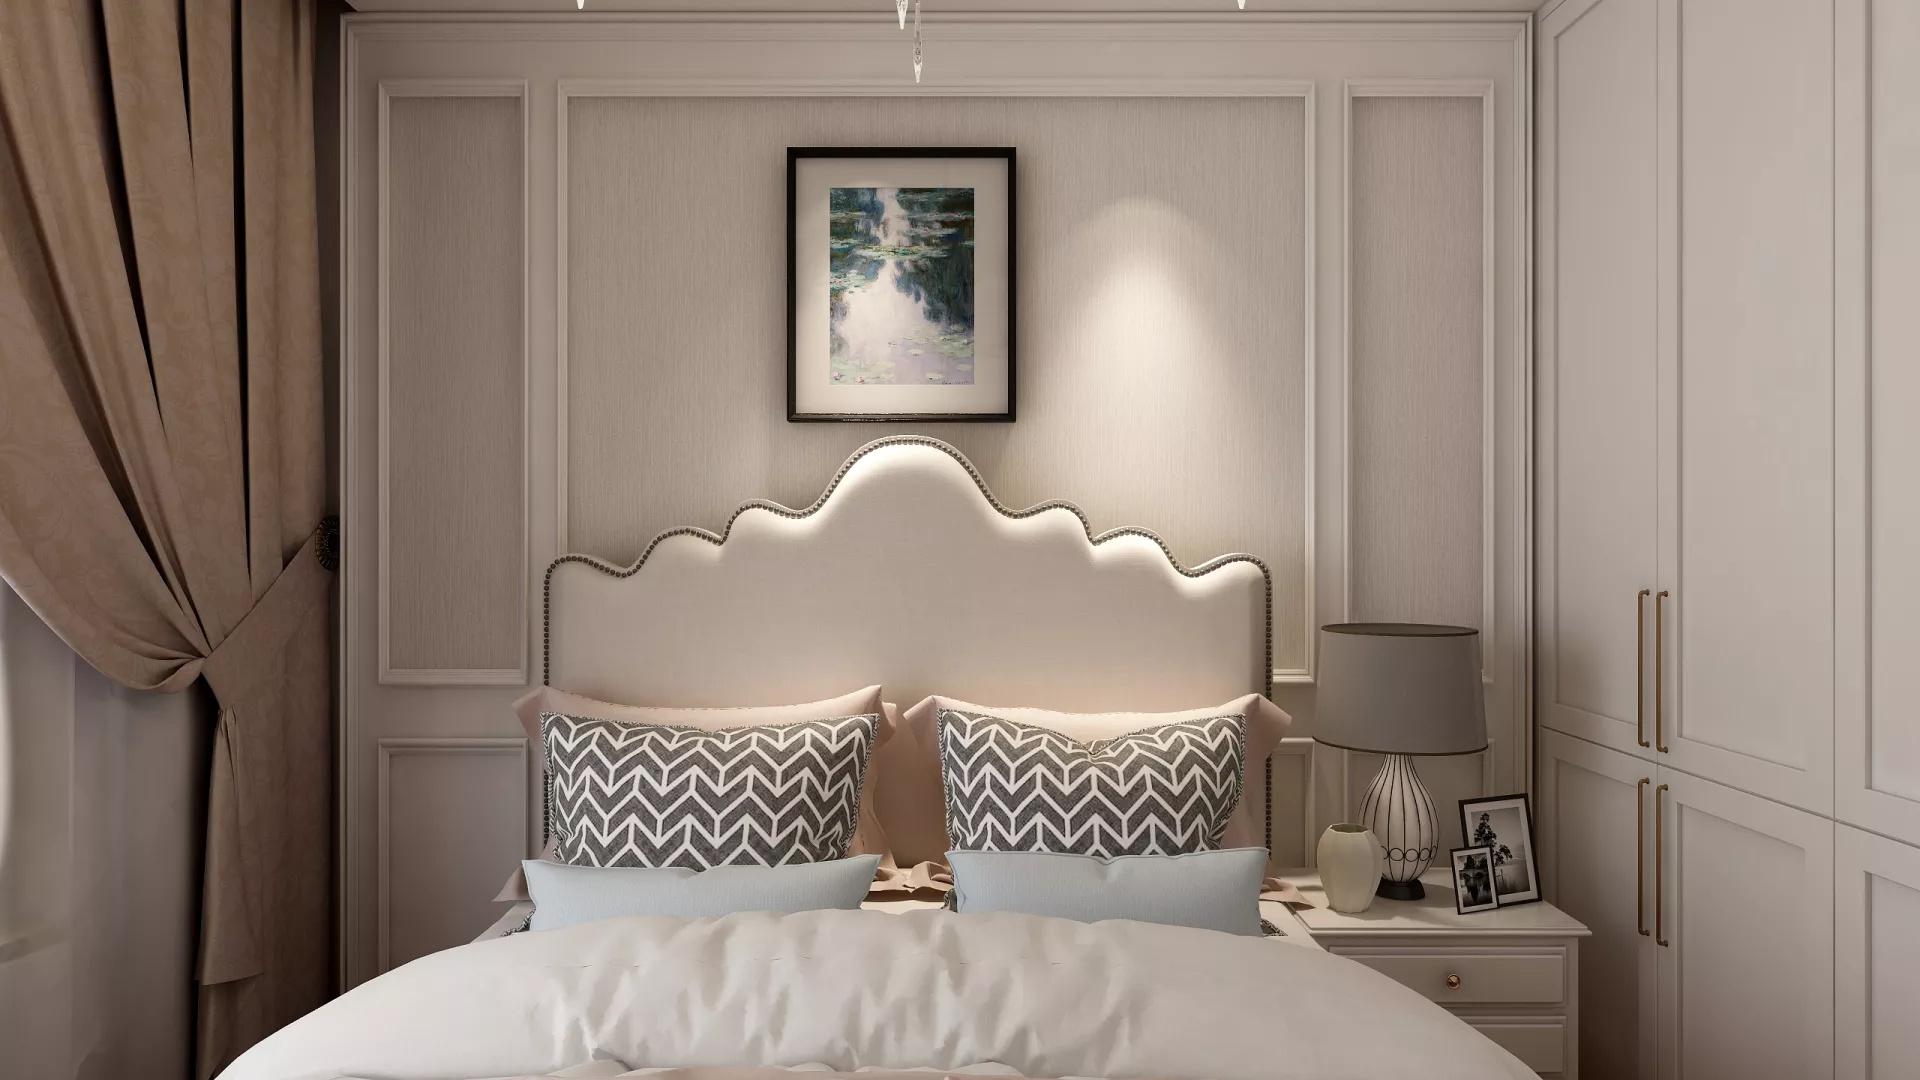 簡易床墊要如何選擇?簡易床墊選購有哪些方法?